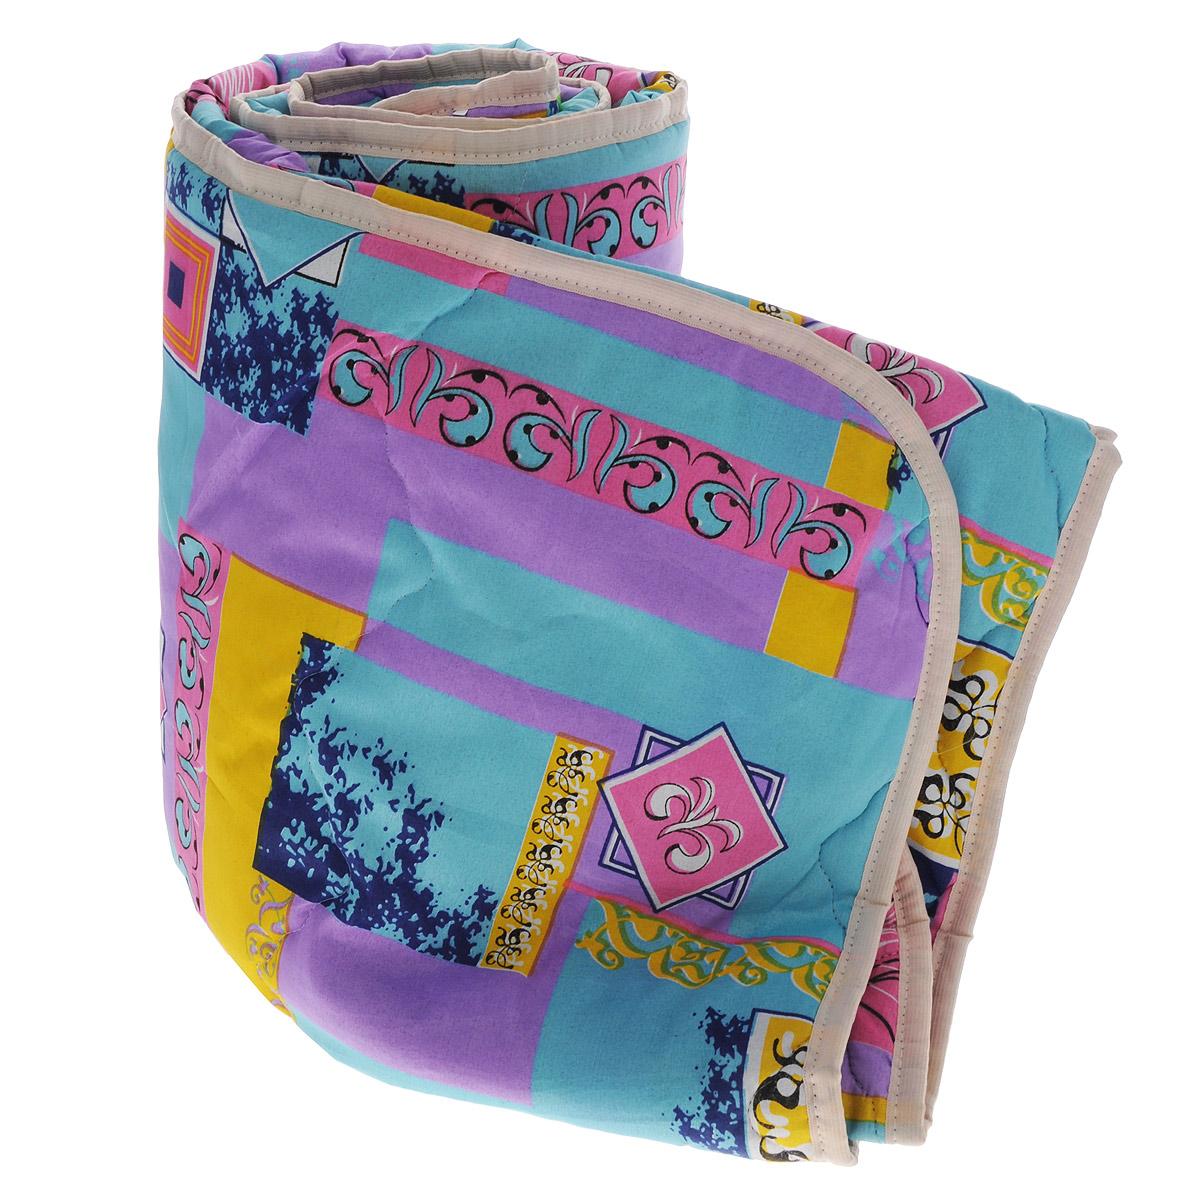 Одеяло облегченное OL-Tex Miotex, наполнитель: холфитекс, цвет: желтый, бирюзовый, сиреневый, 140 см х 205 смМХПЭ-15-2_бирюзовый, сиреневый, желтыйЧехол облегченного одеяла OL-Tex Miotex выполнен из высококачественного полиэстера. Наполнитель - холфитекс. Одеяло простегано - значит, наполнитель внутри будет всегда распределен равномерно. Изделие оформлено ярким рисунком. Идеально подойдет тем, кто ценит мягкость и тепло. Ручная стирка при температуре 30°С. Материал чехла: 100% полиэстер. Наполнитель: холфитекс.